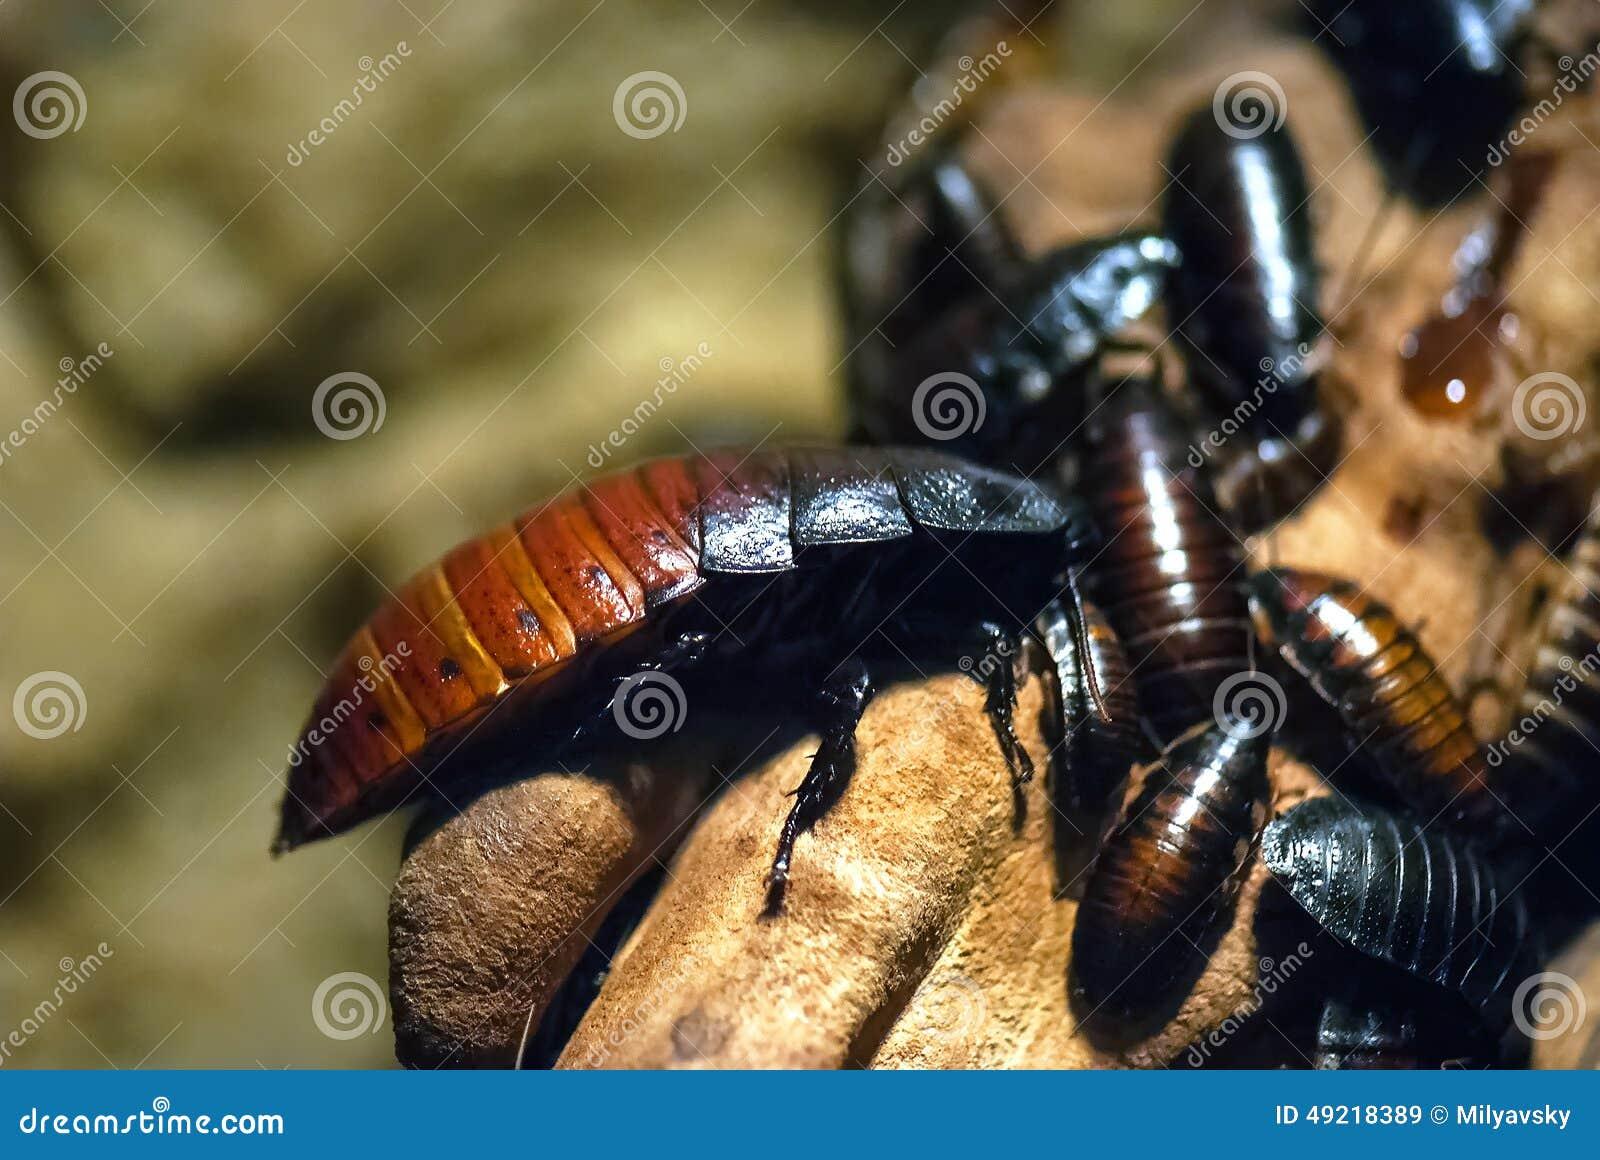 Insecten, kakkerlakken